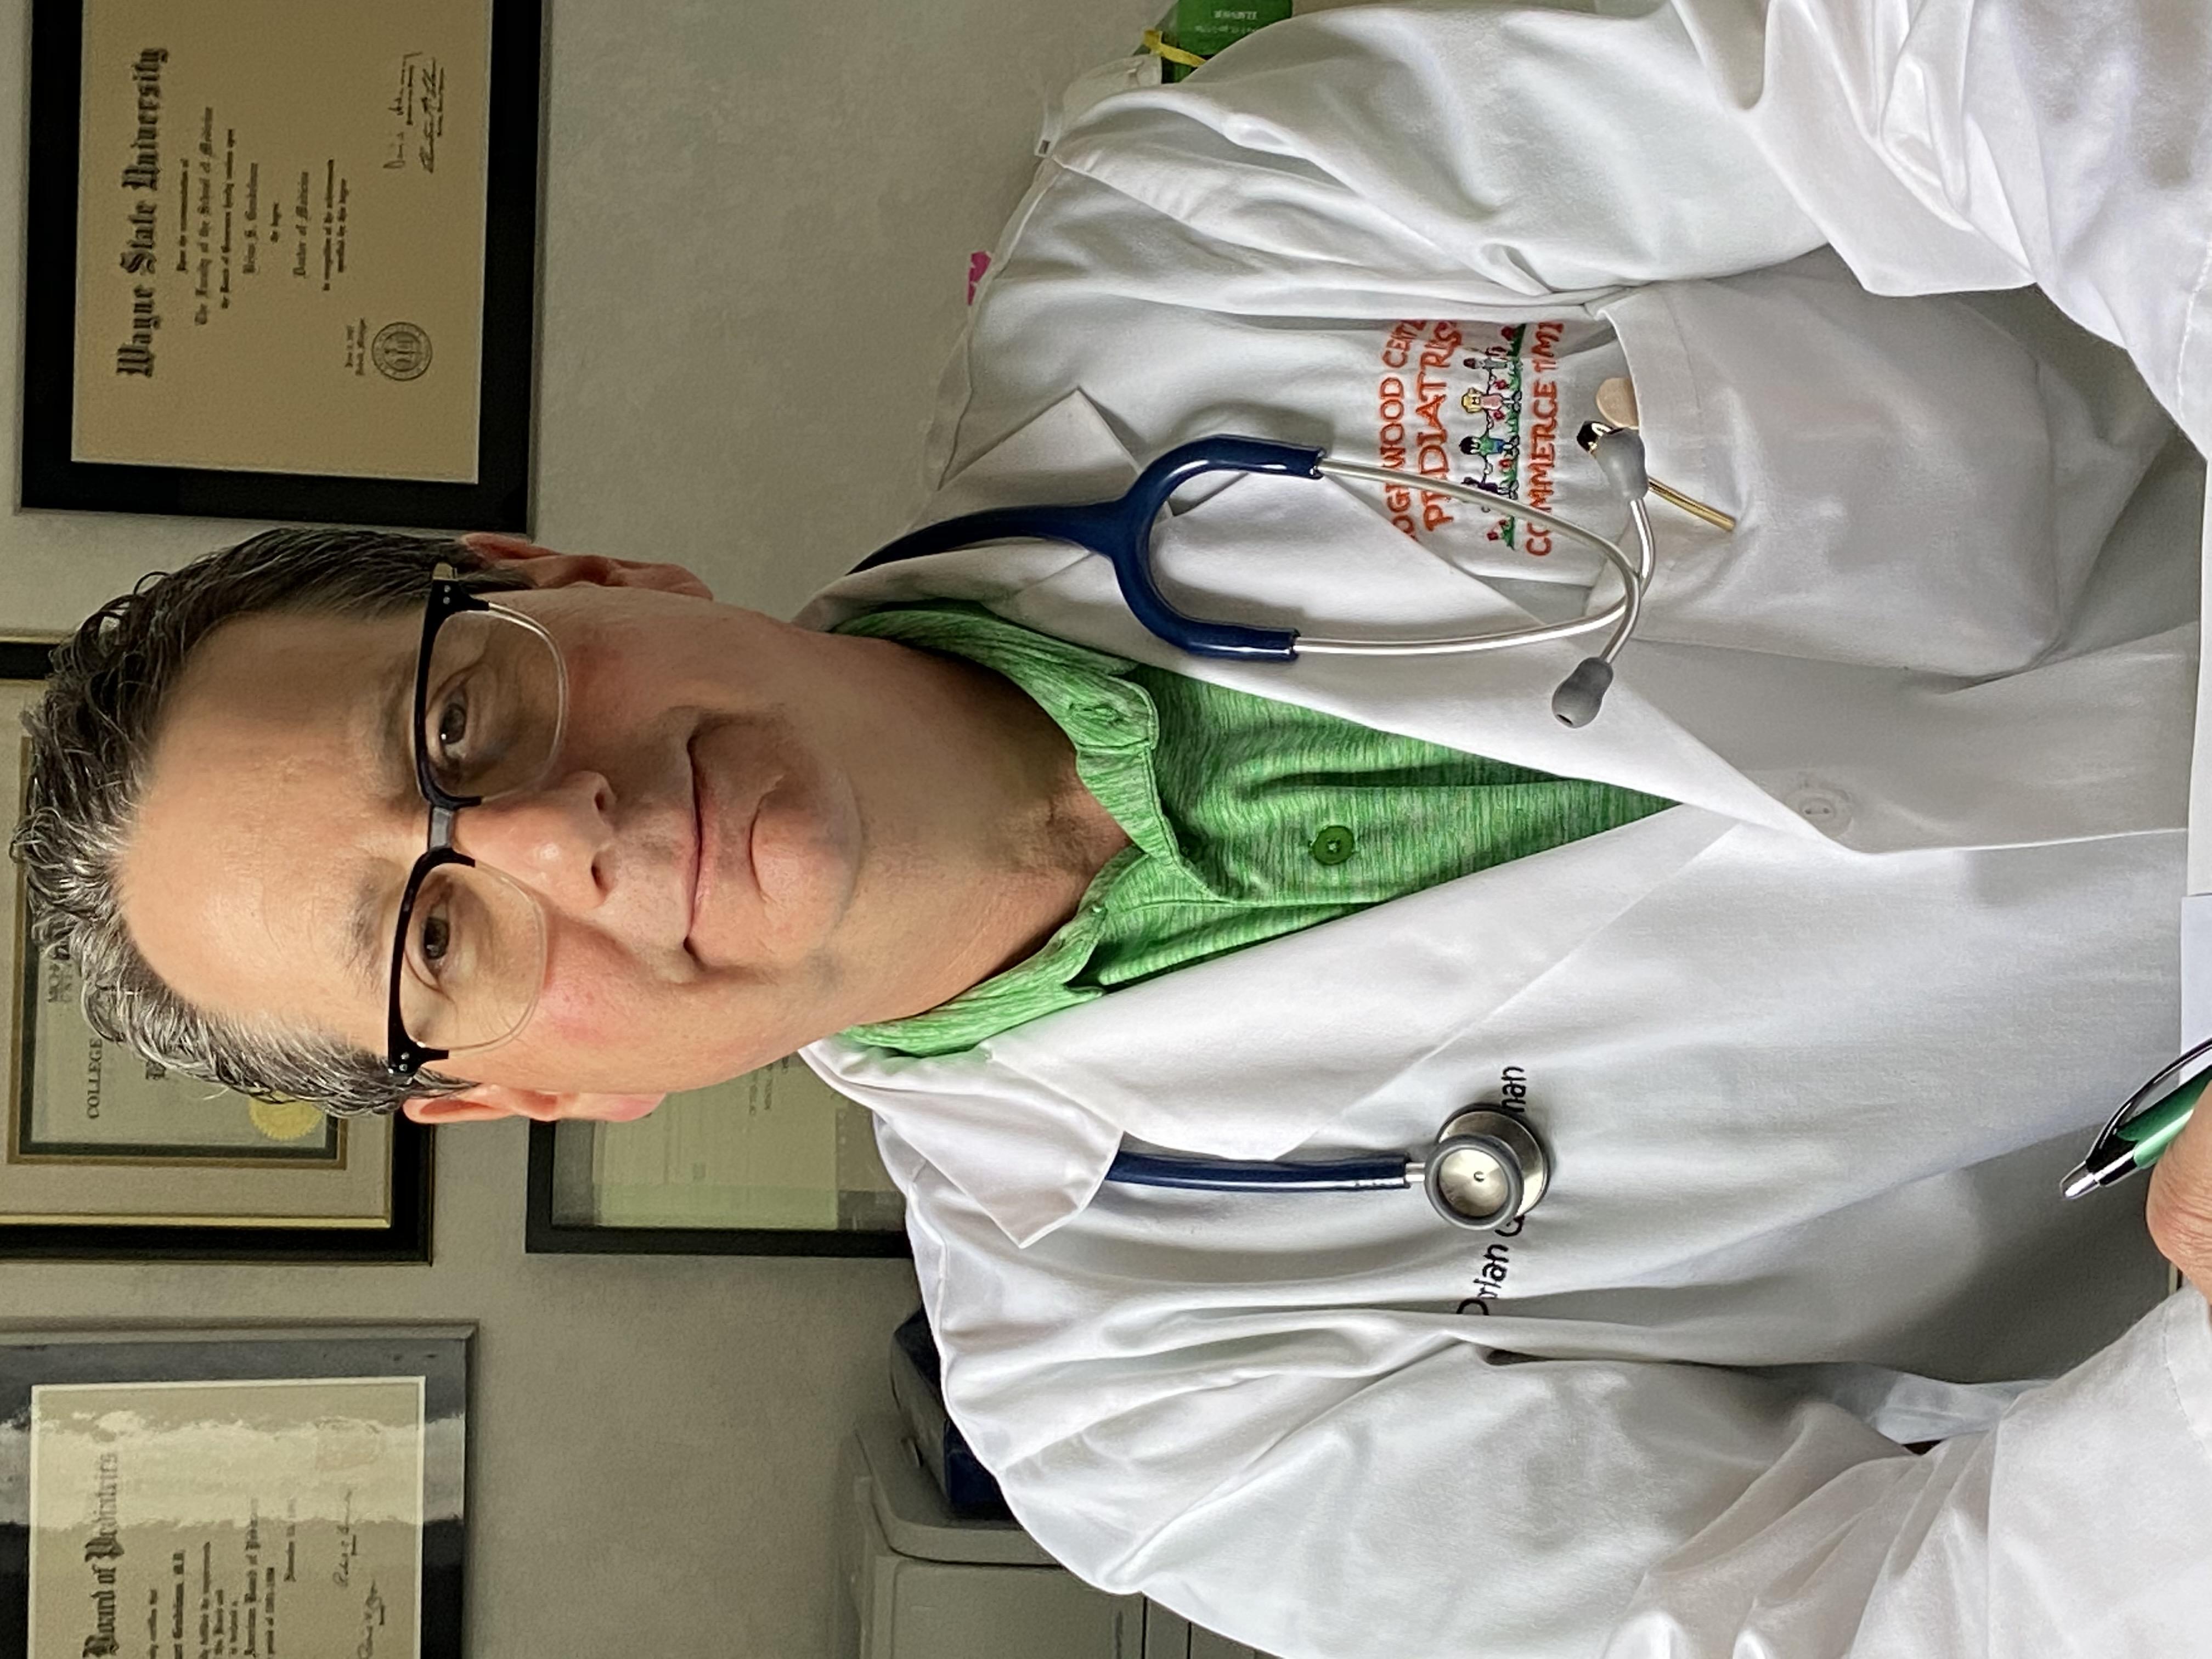 Dr. Brian Gendelman